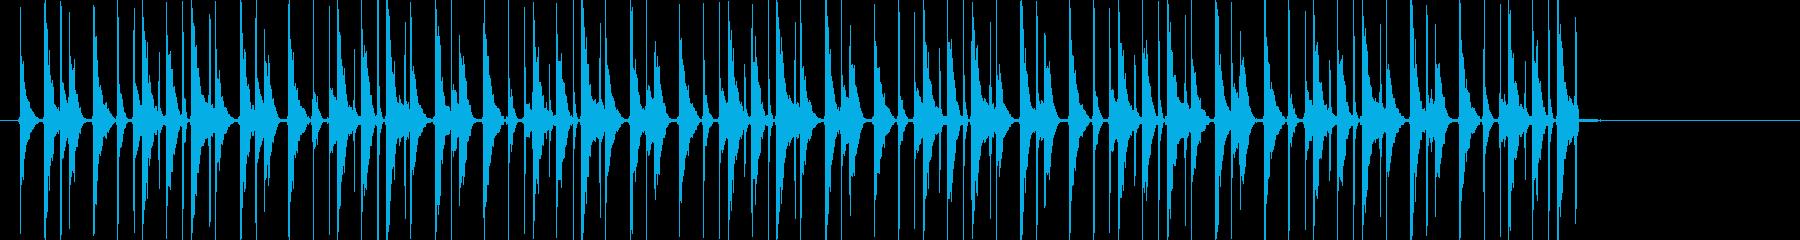 ズッカズッカ(テンポな良い効果音)の再生済みの波形